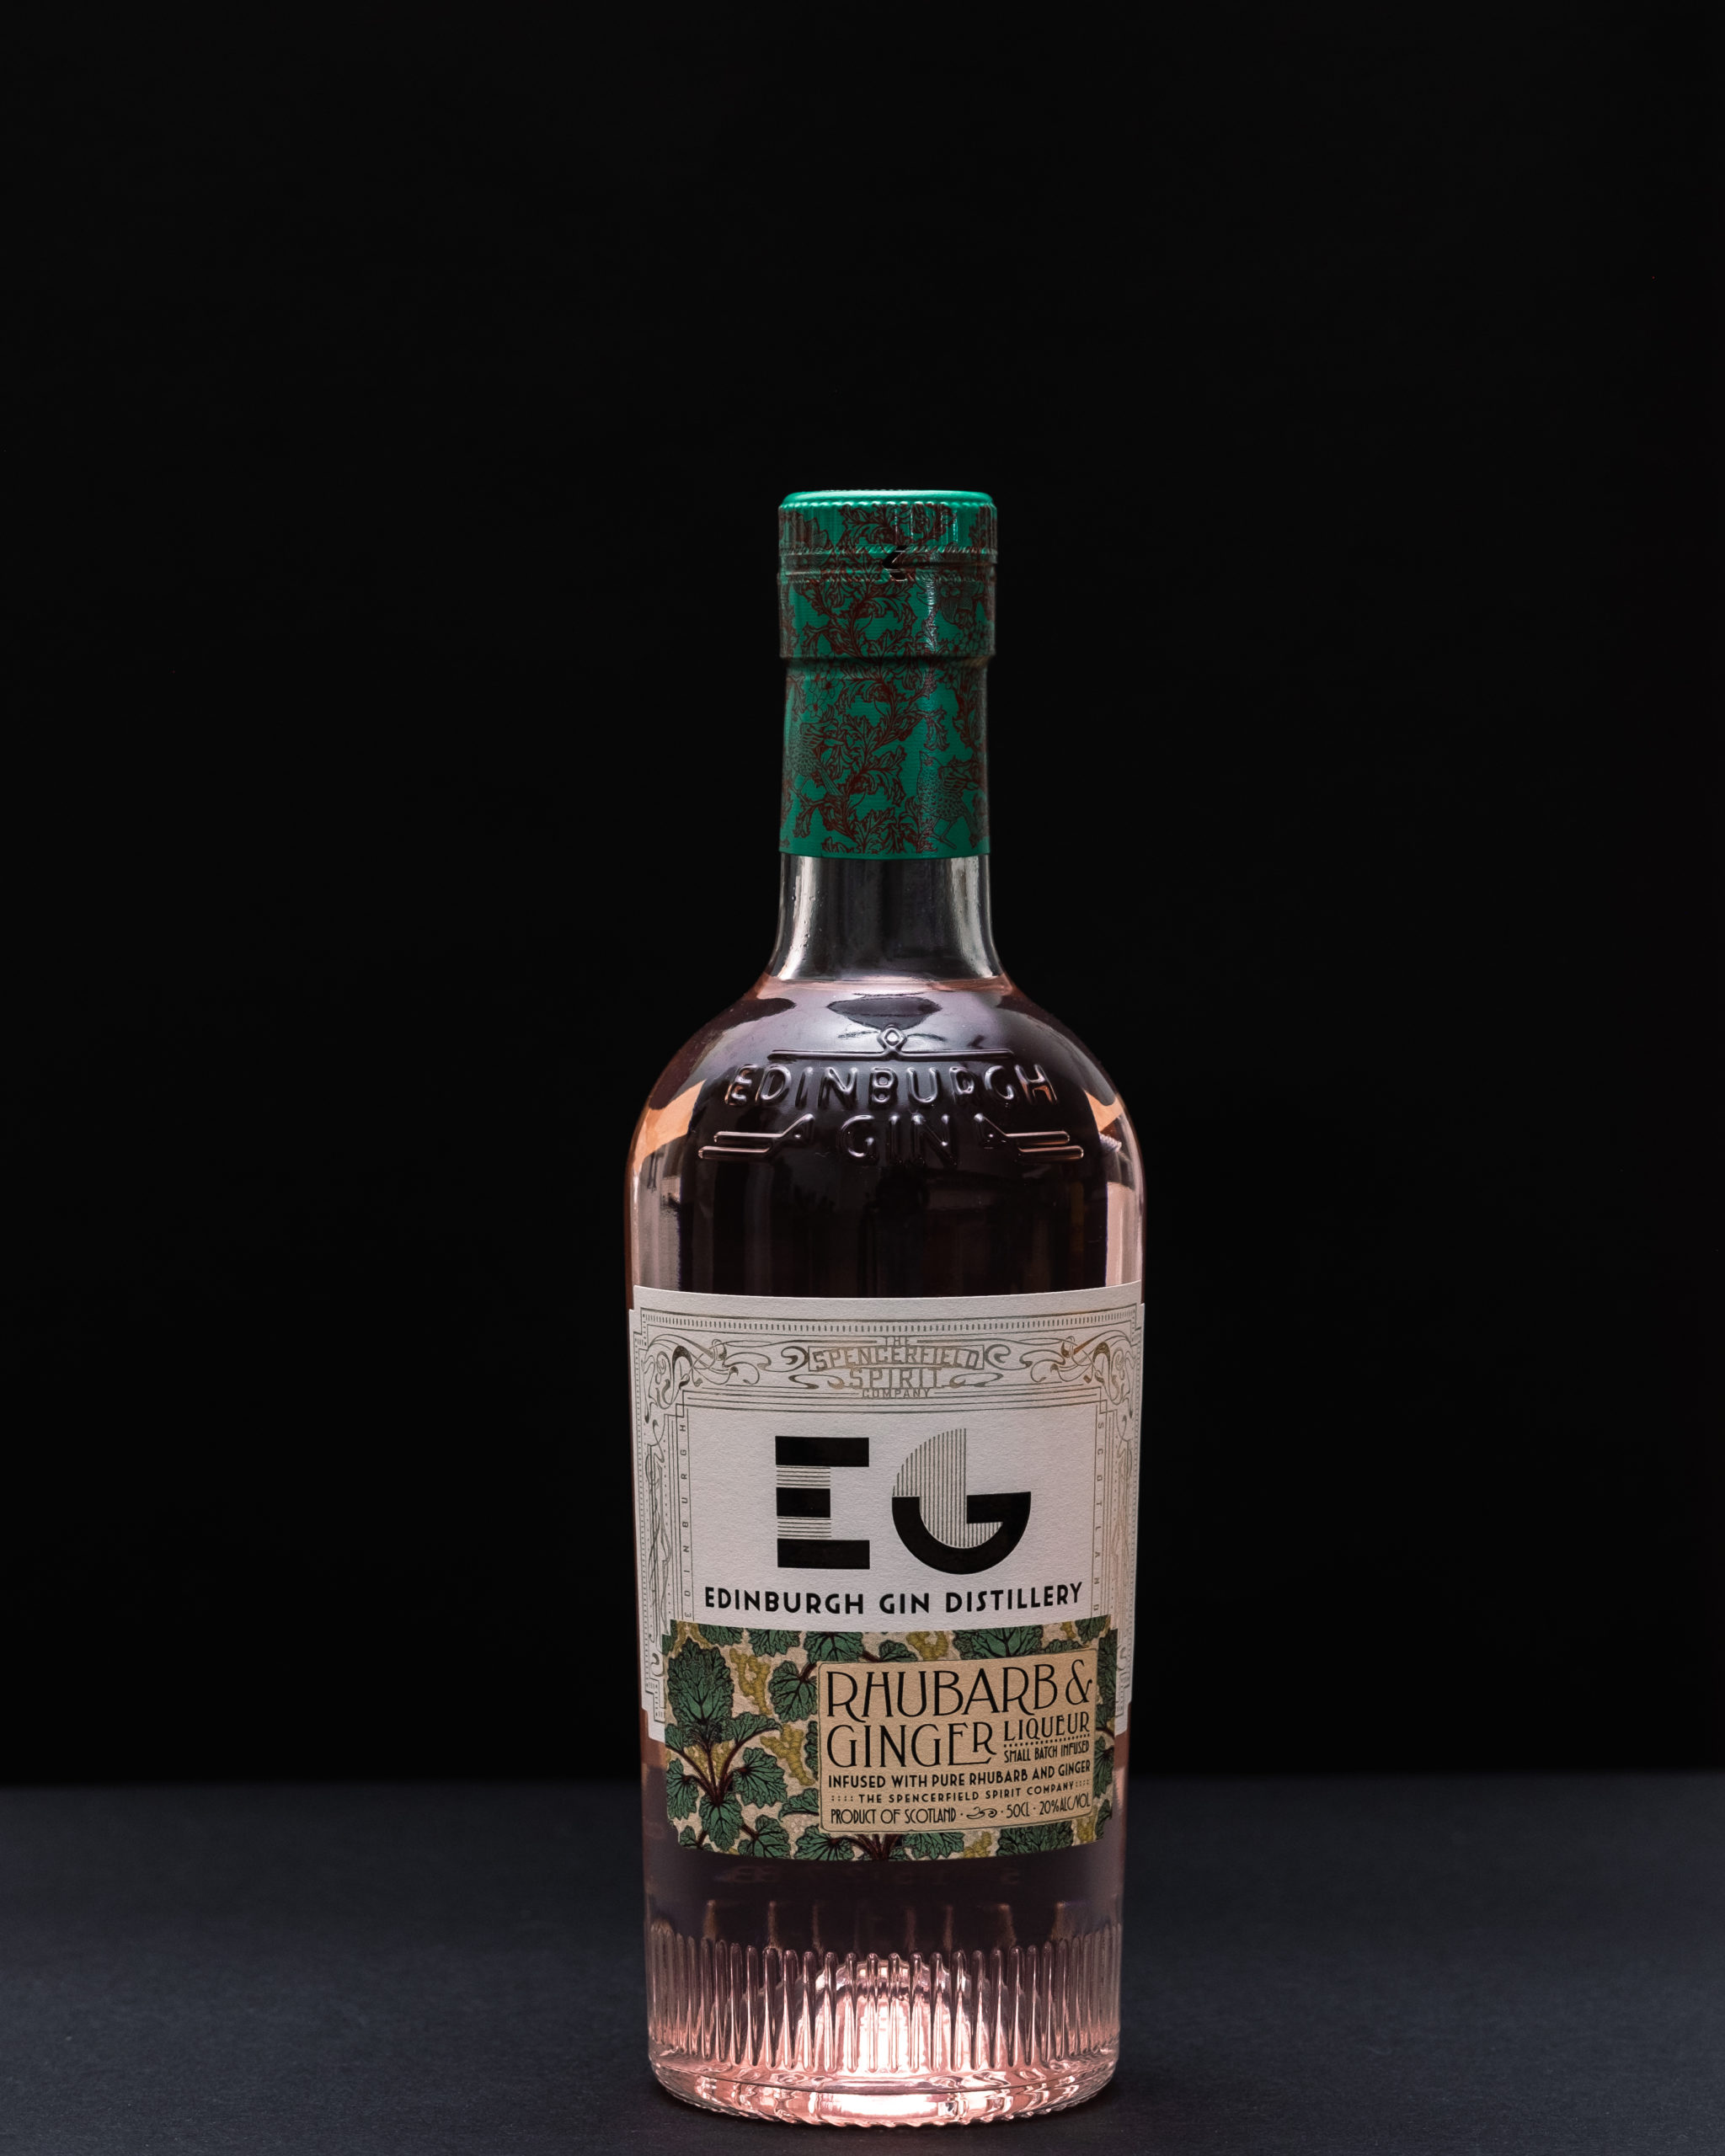 Edinburgh Gin Liqueur de Rhubarbe- Gingembre